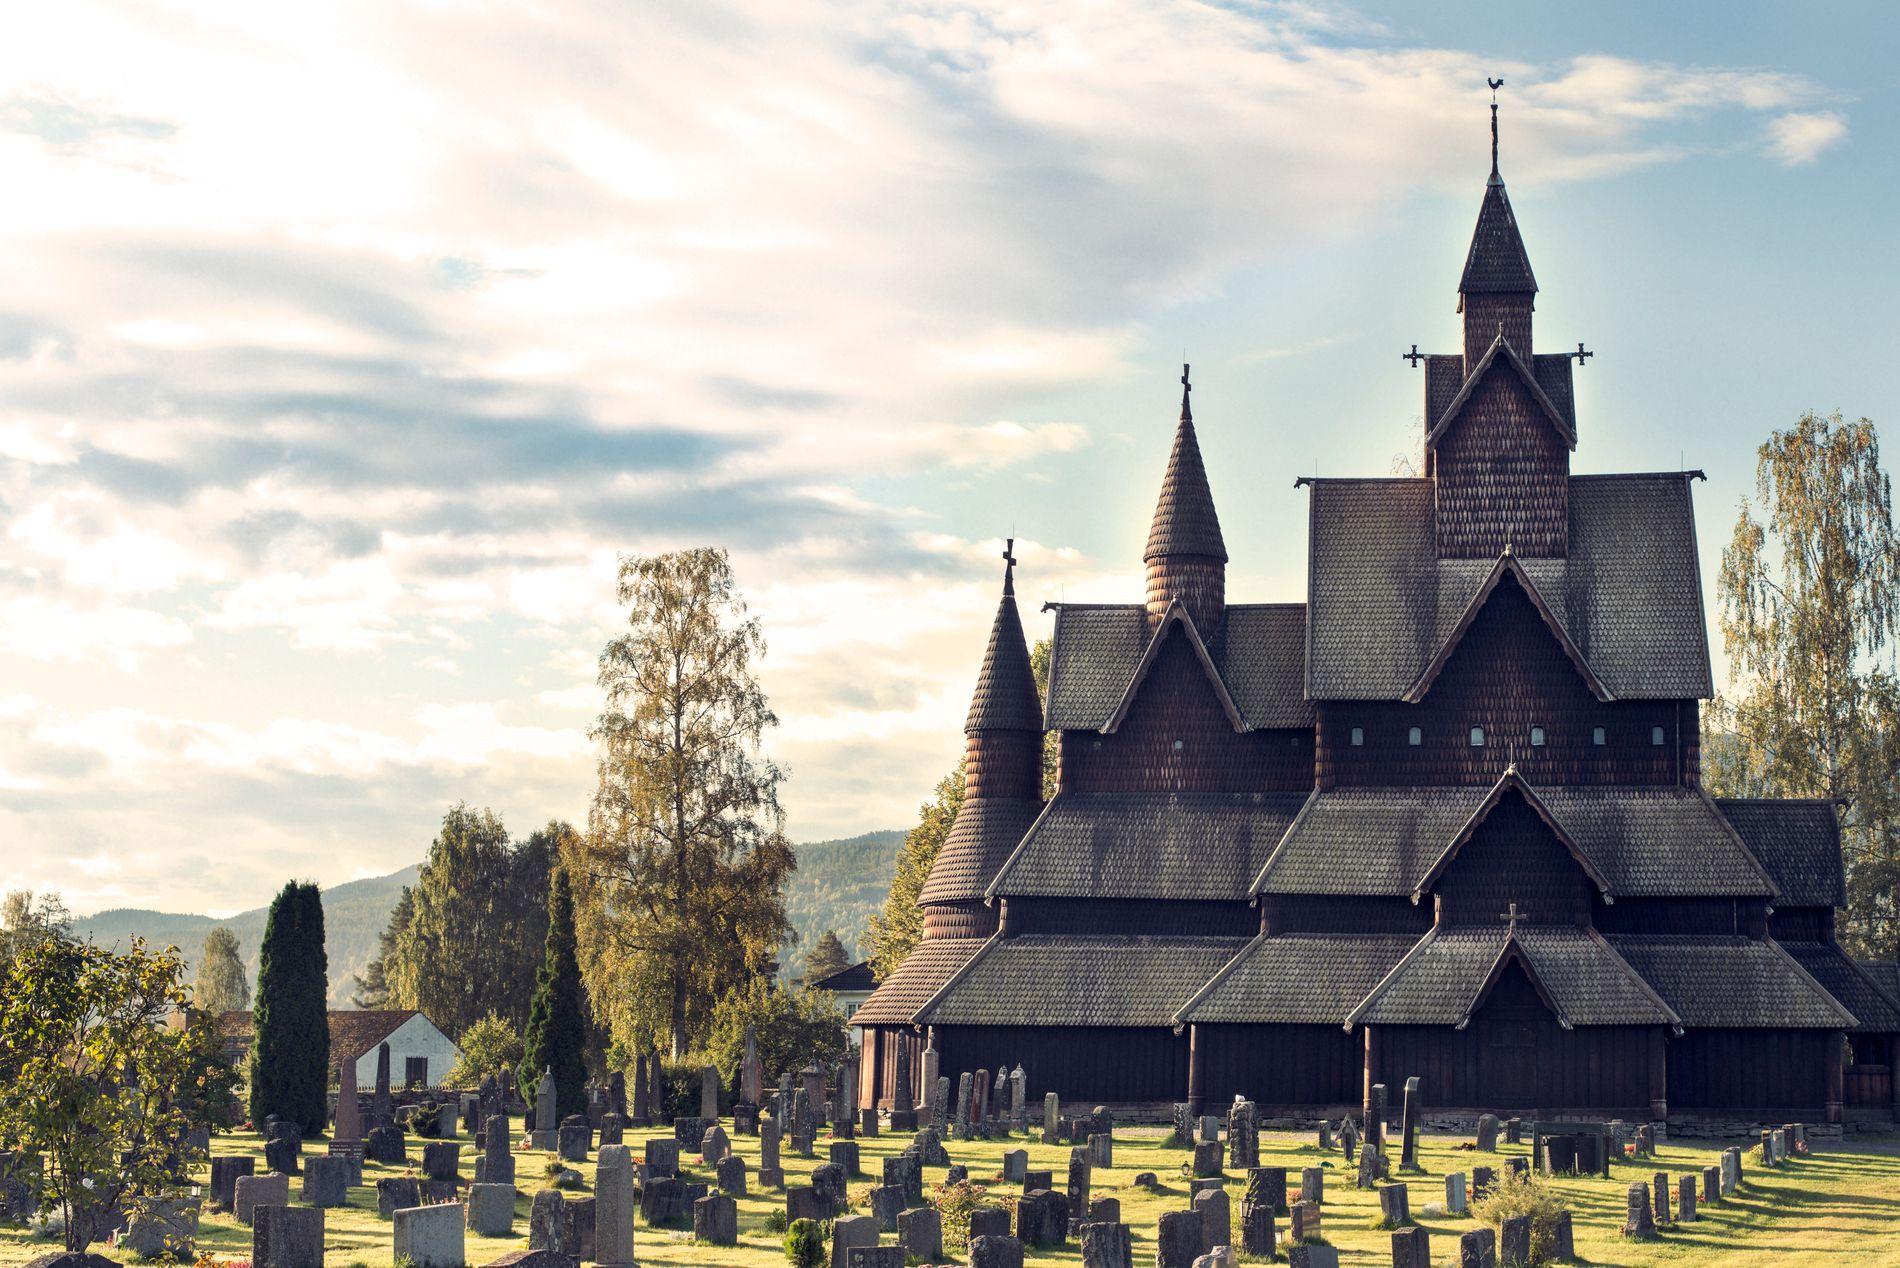 STØRST I VERDEN: Heddal Stavkirke er verdens største og et must på bucketlista.